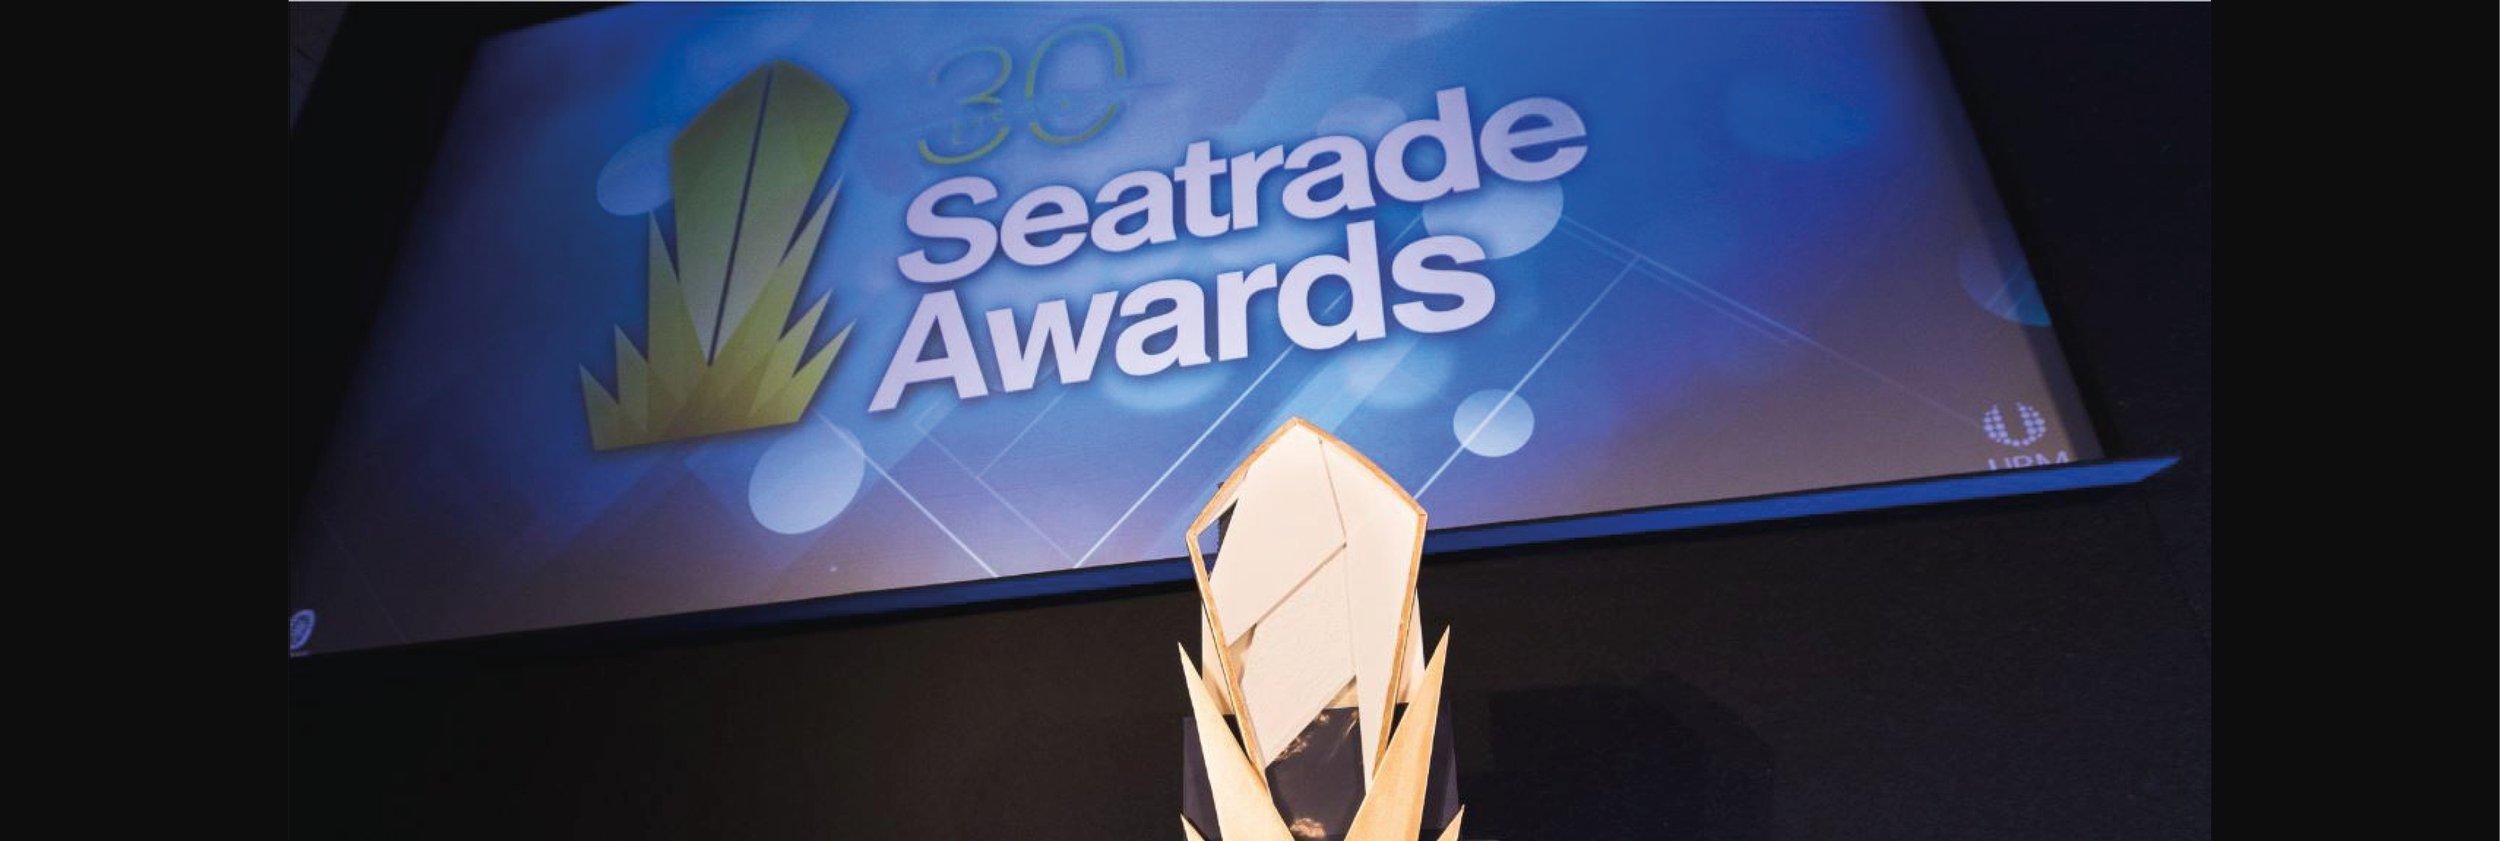 Seatrade Awards 2018.jpg